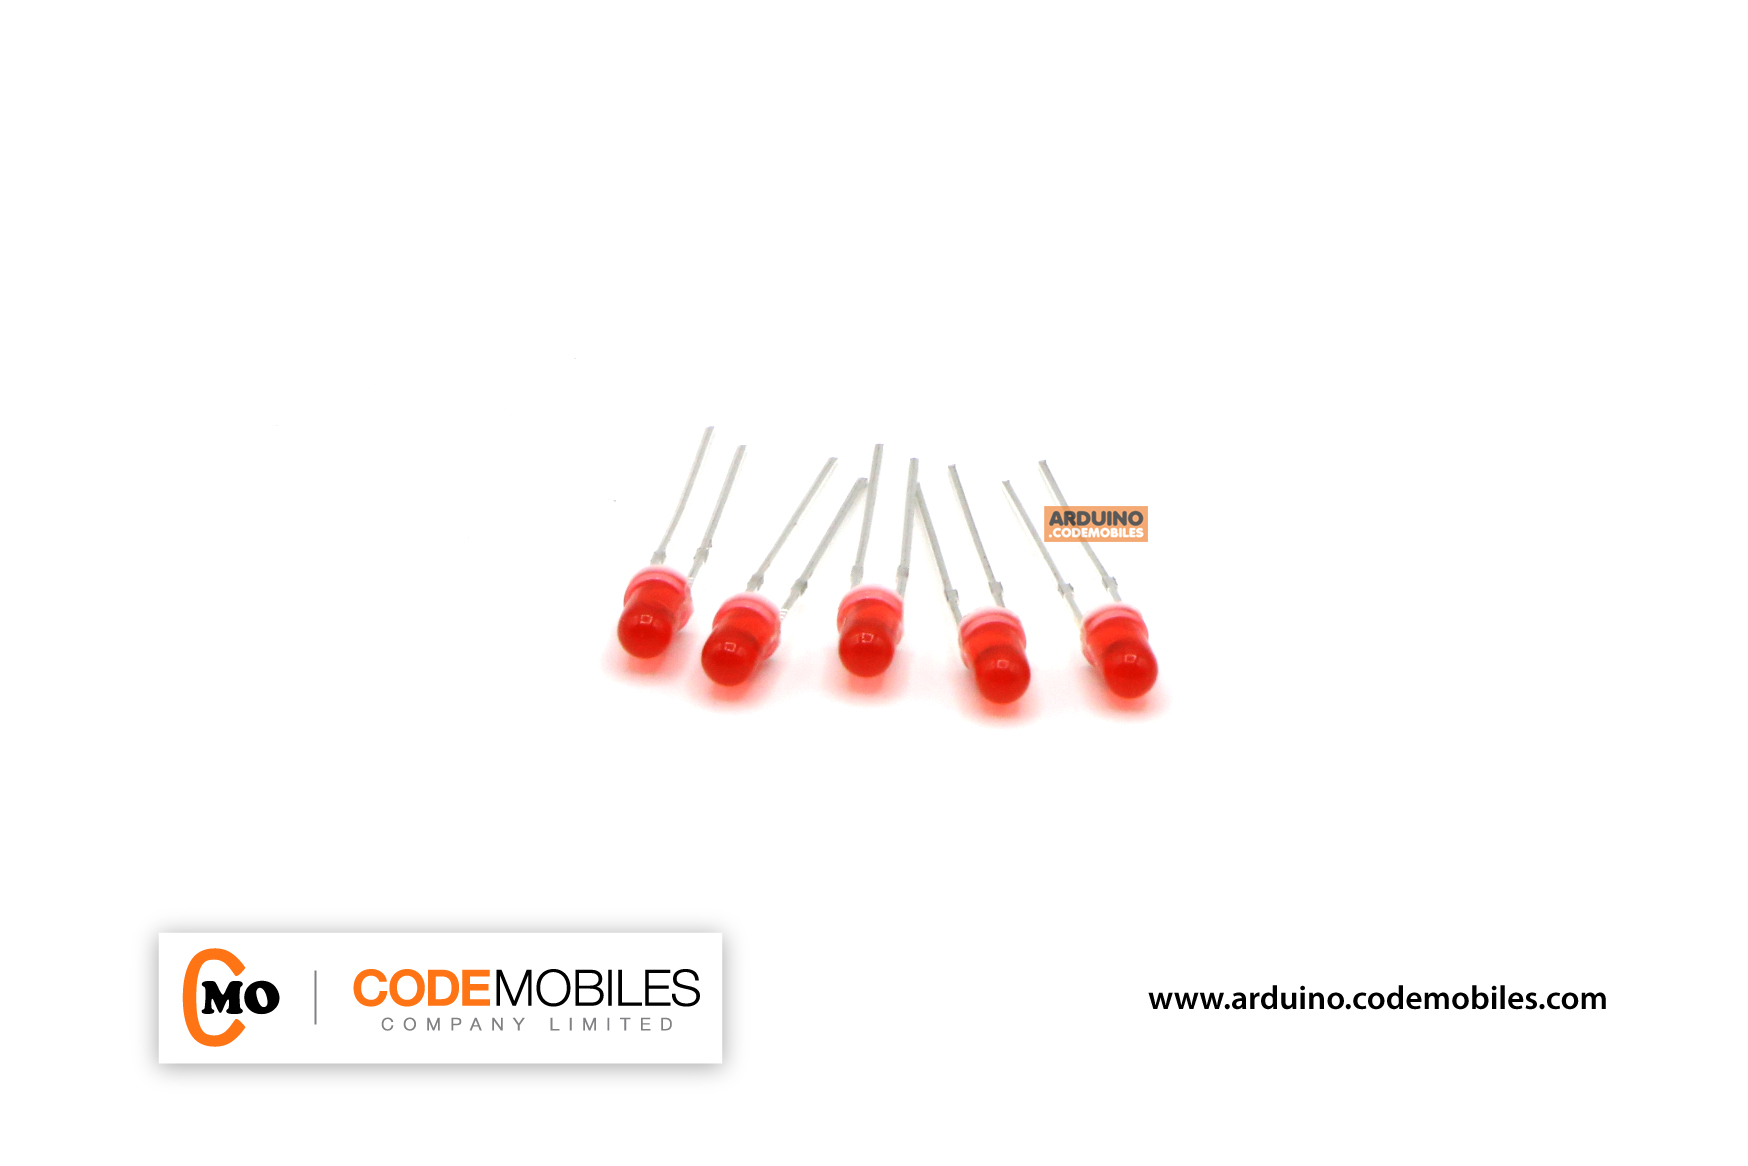 LED 3mm แบบใส สีแดง จำนวน 5 ชิ้น